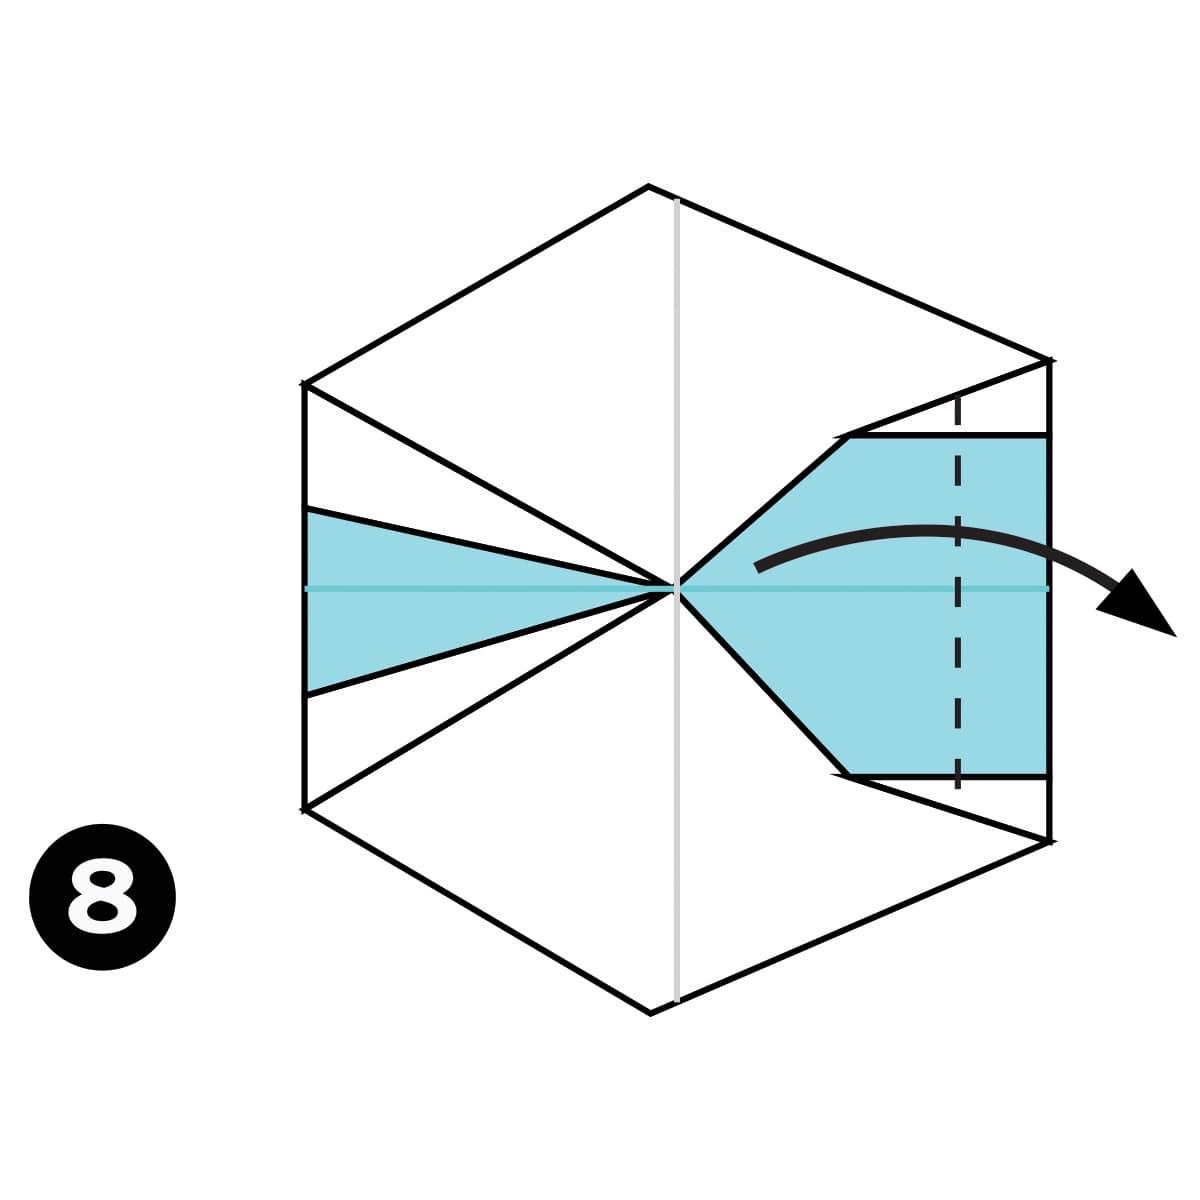 Blowfish Step 8